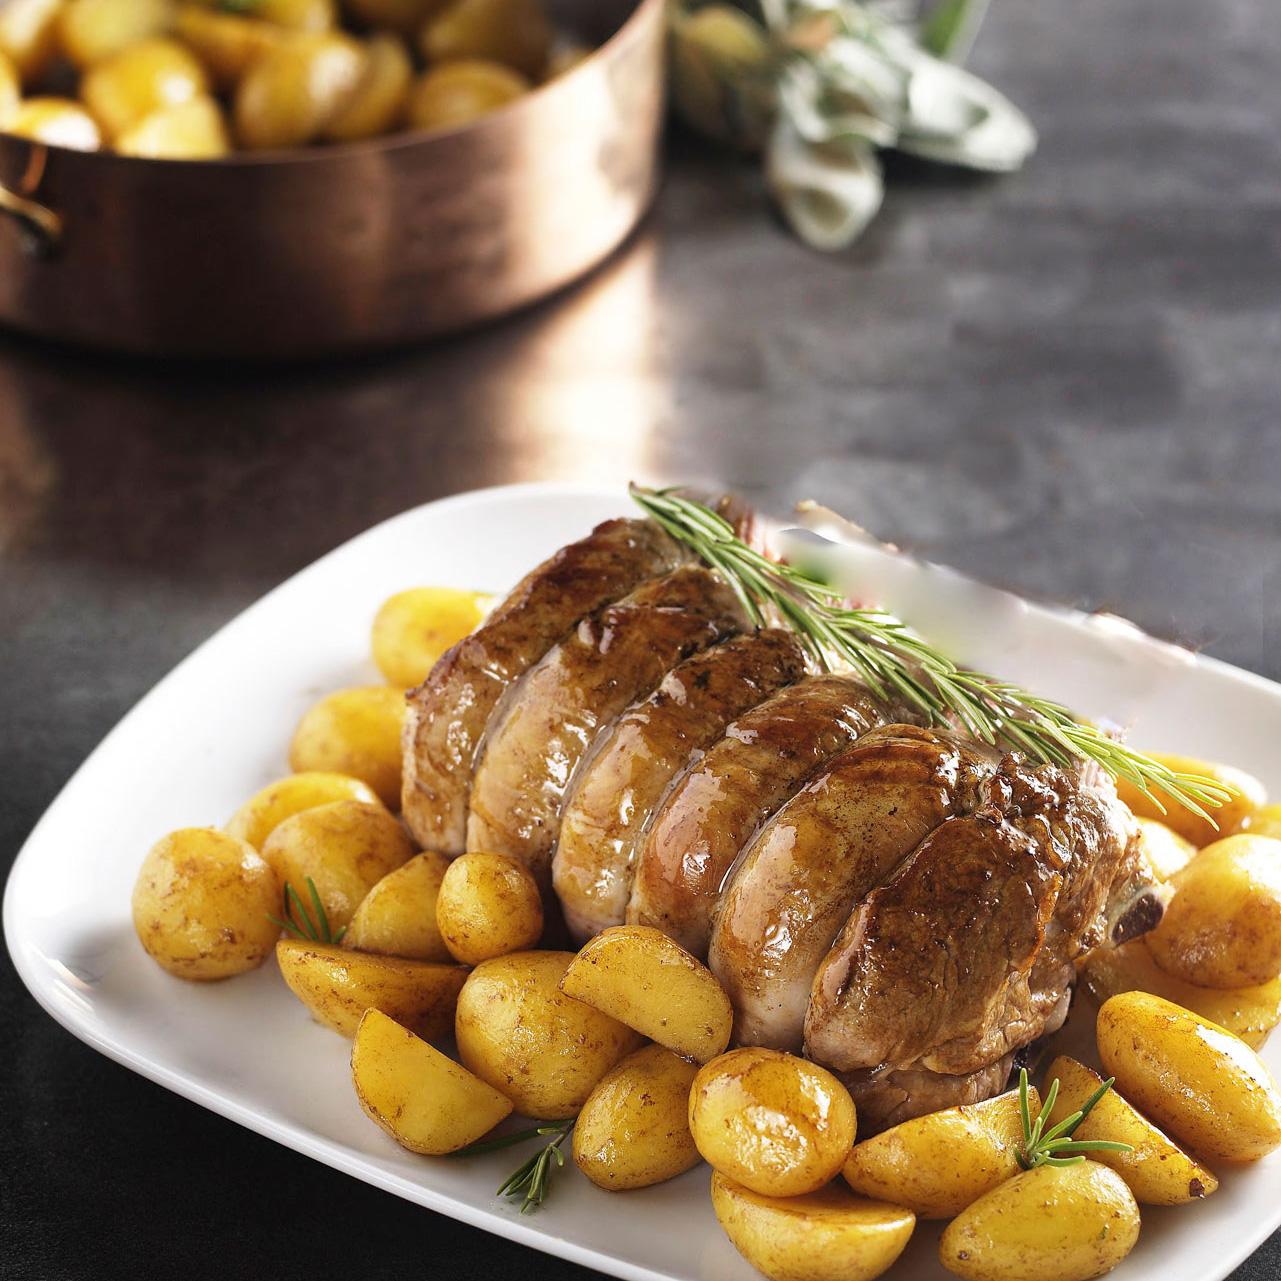 Maria Greco Naccarato Food Stylist